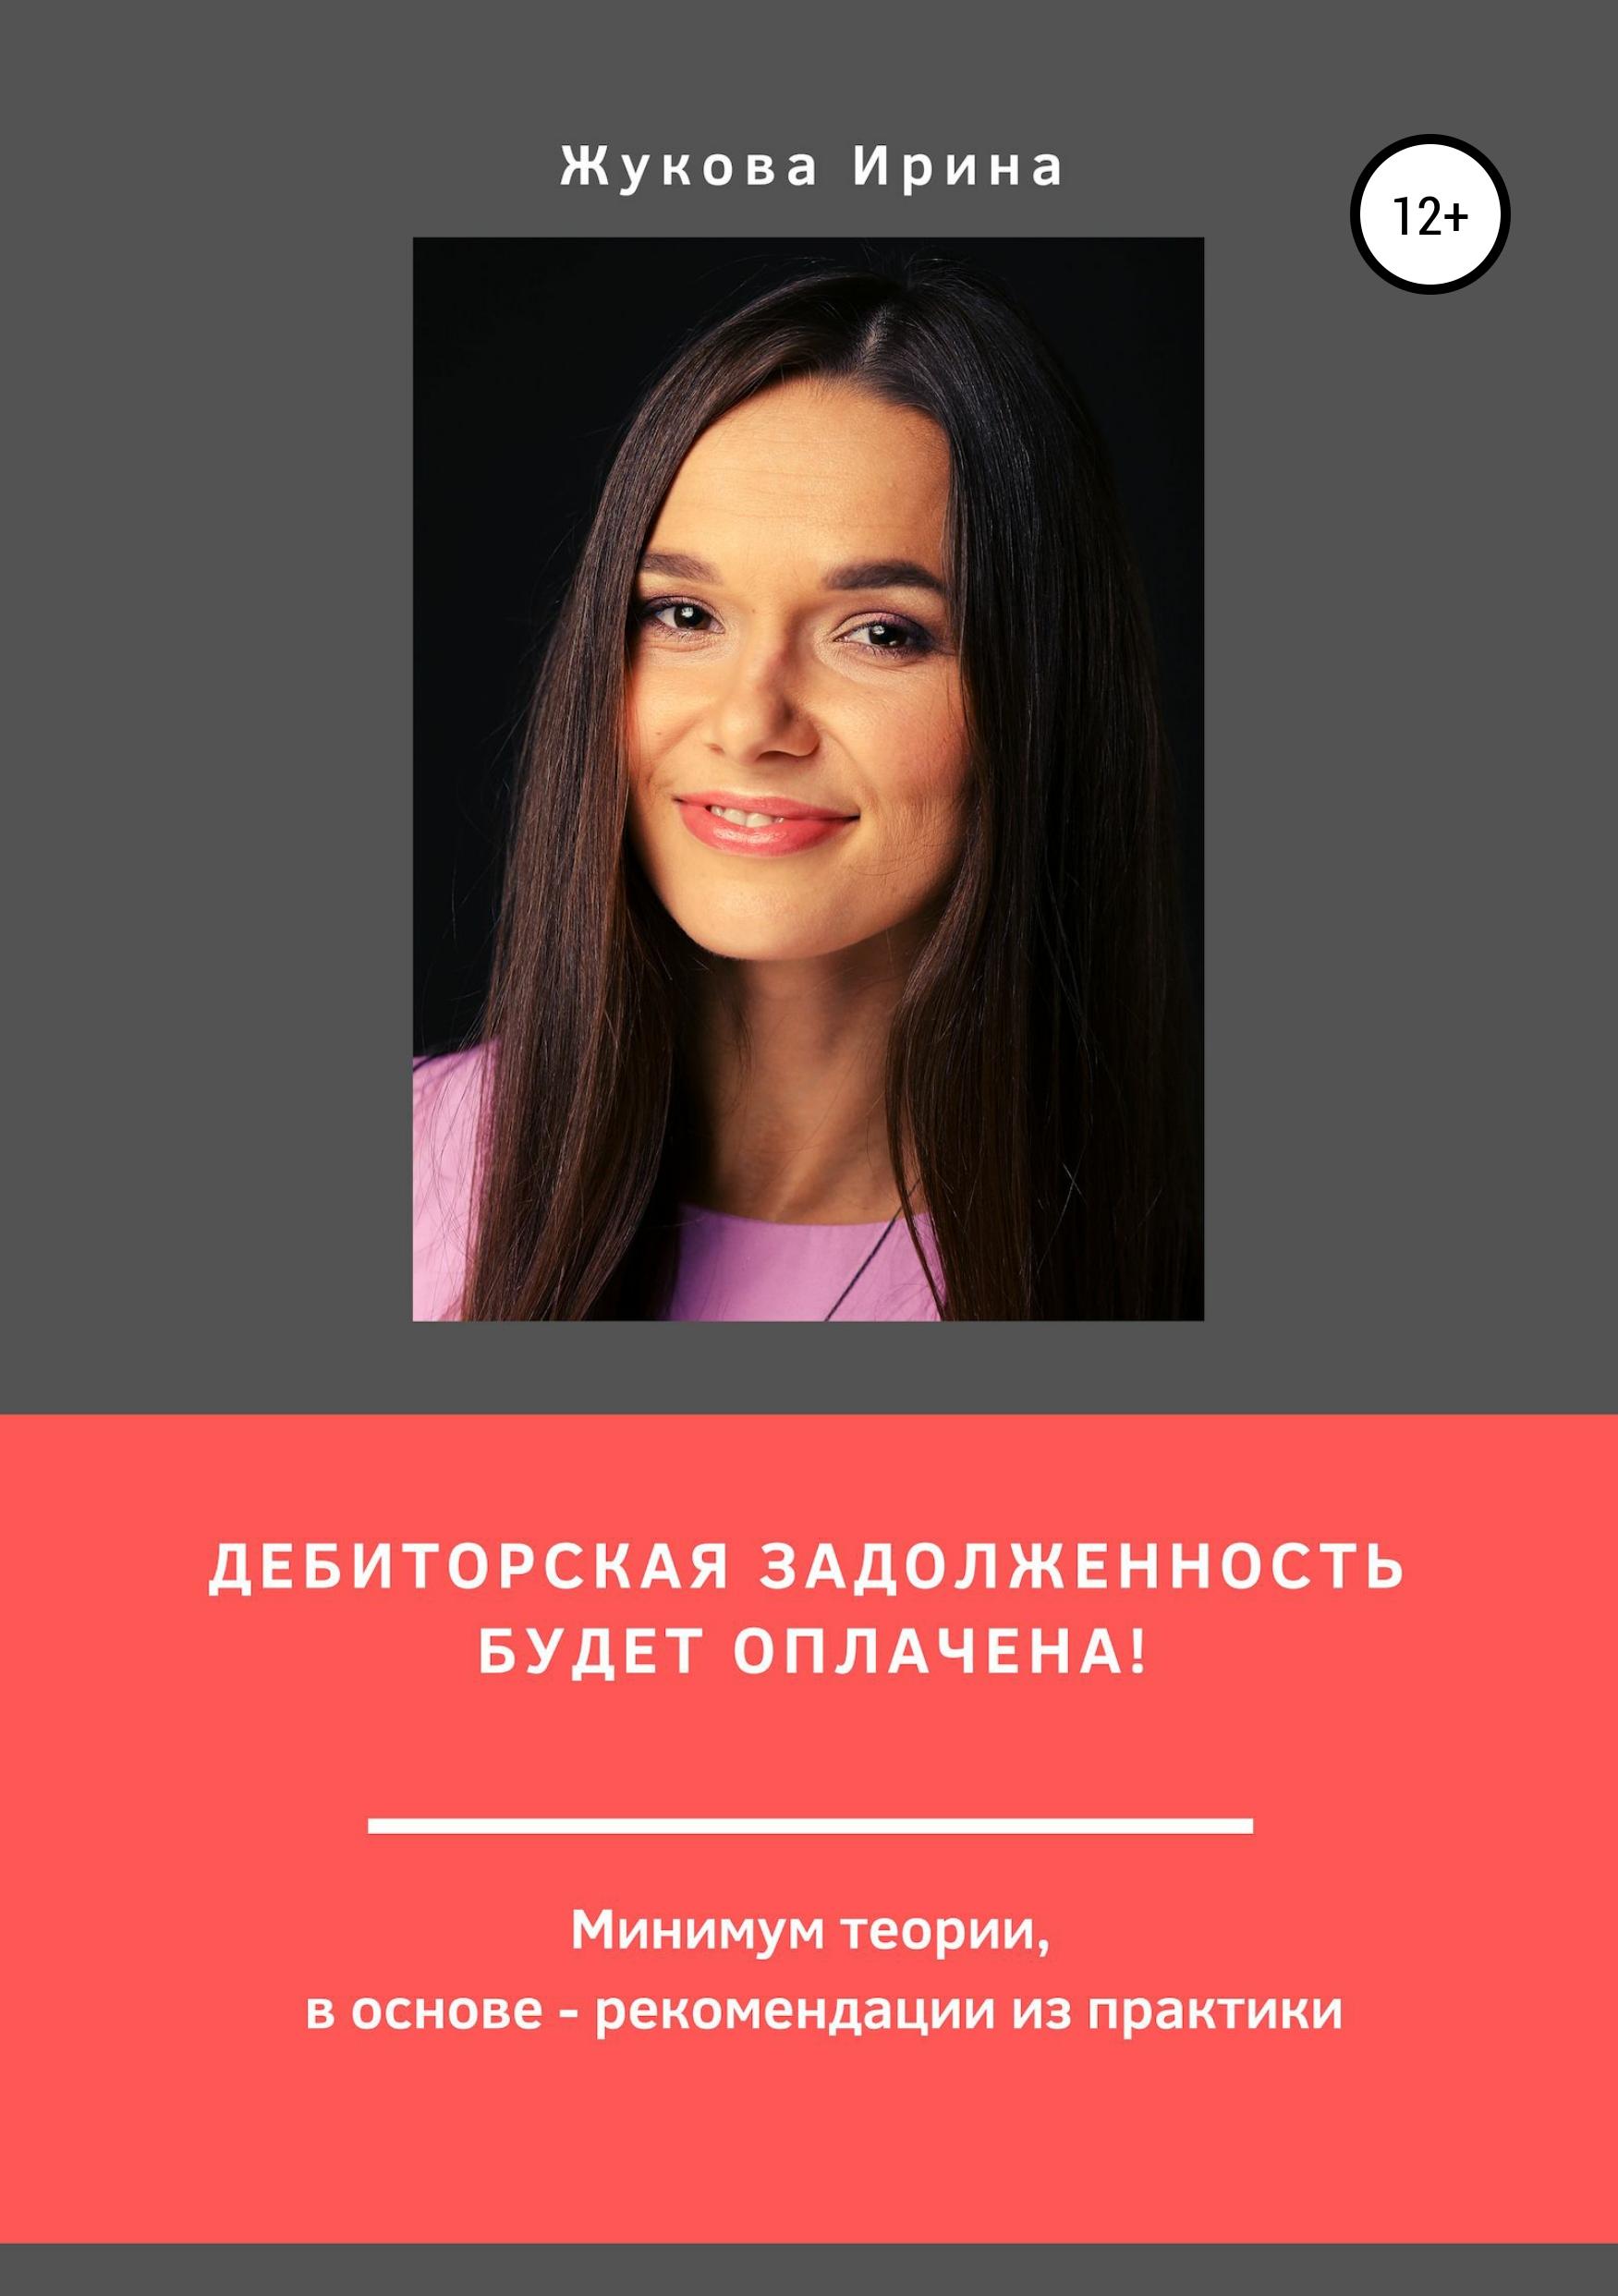 Обложка книги Дебиторская задолженность будет оплачена!